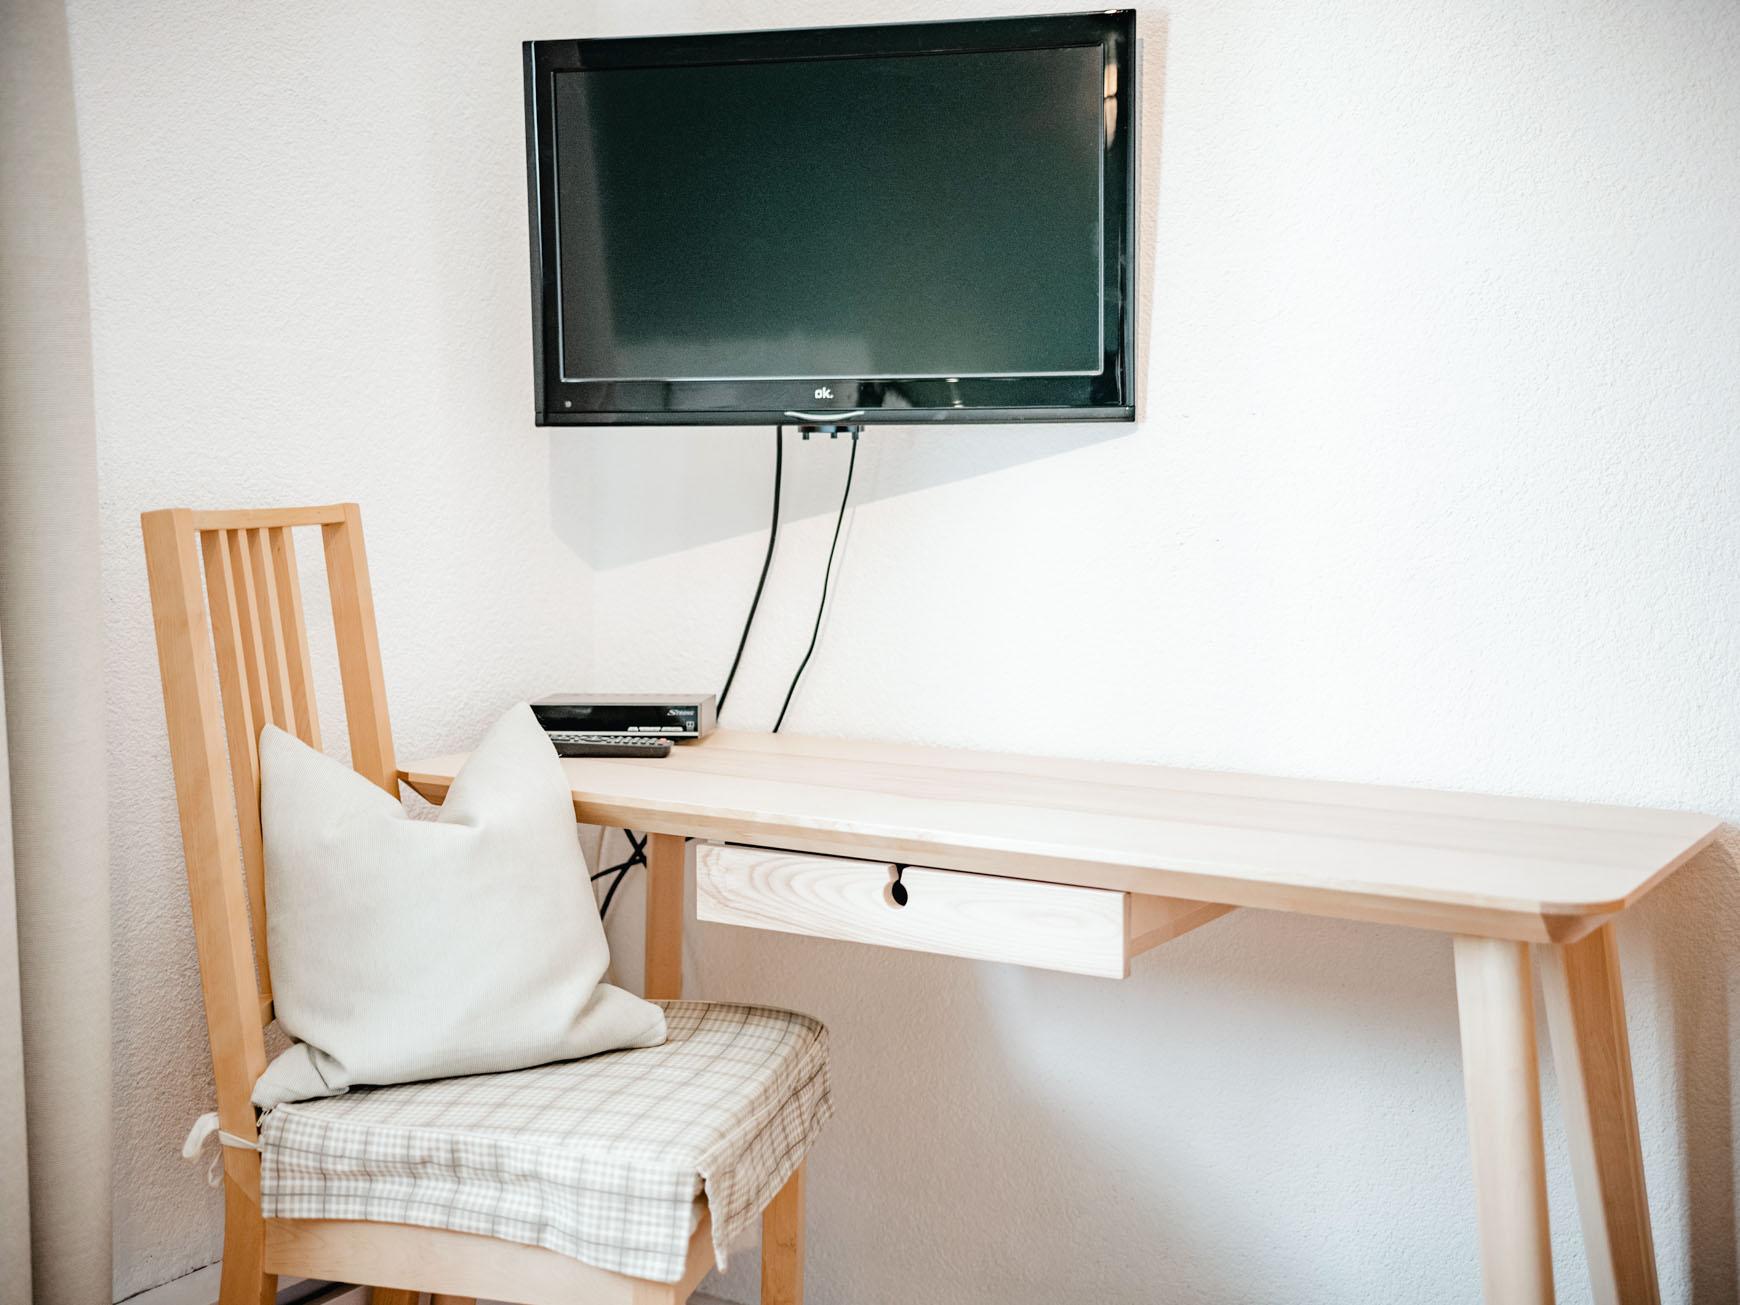 Einzelzimmer - Sitzecke, Tisch und Flachbildschirm